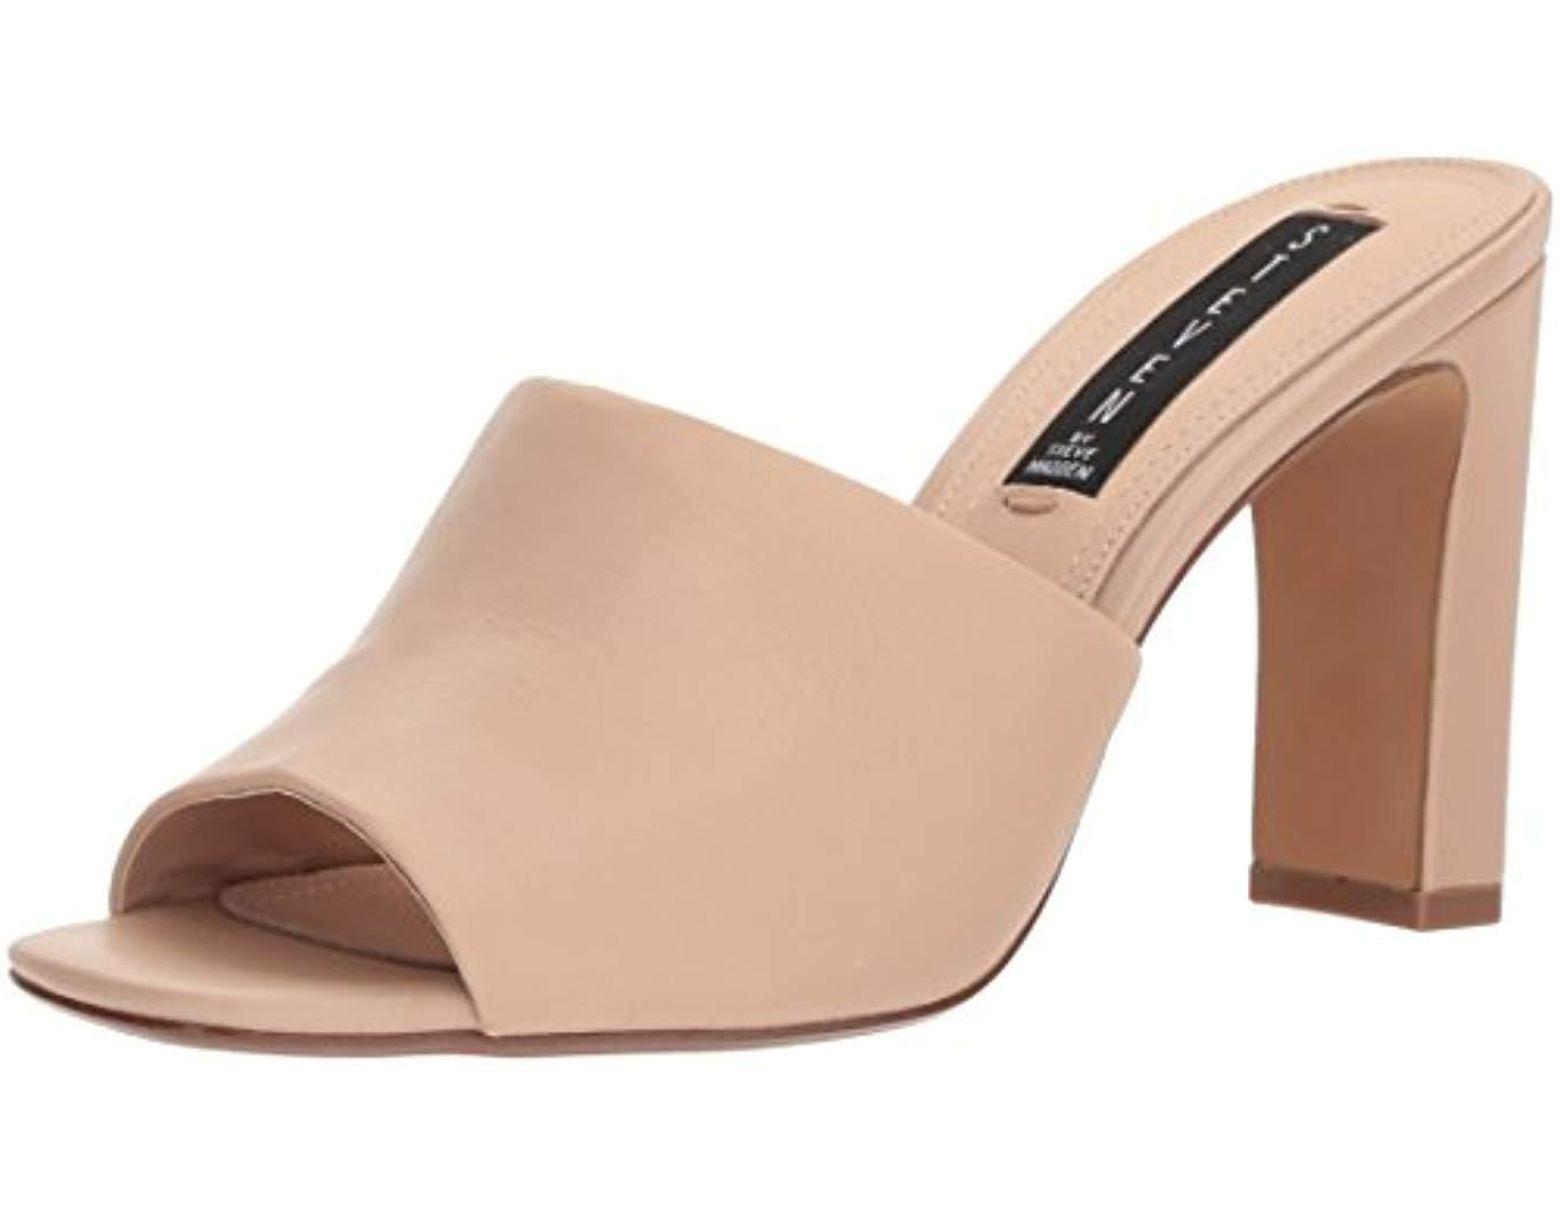 183490ca687 Women's Natural Jensen Heeled Sandal